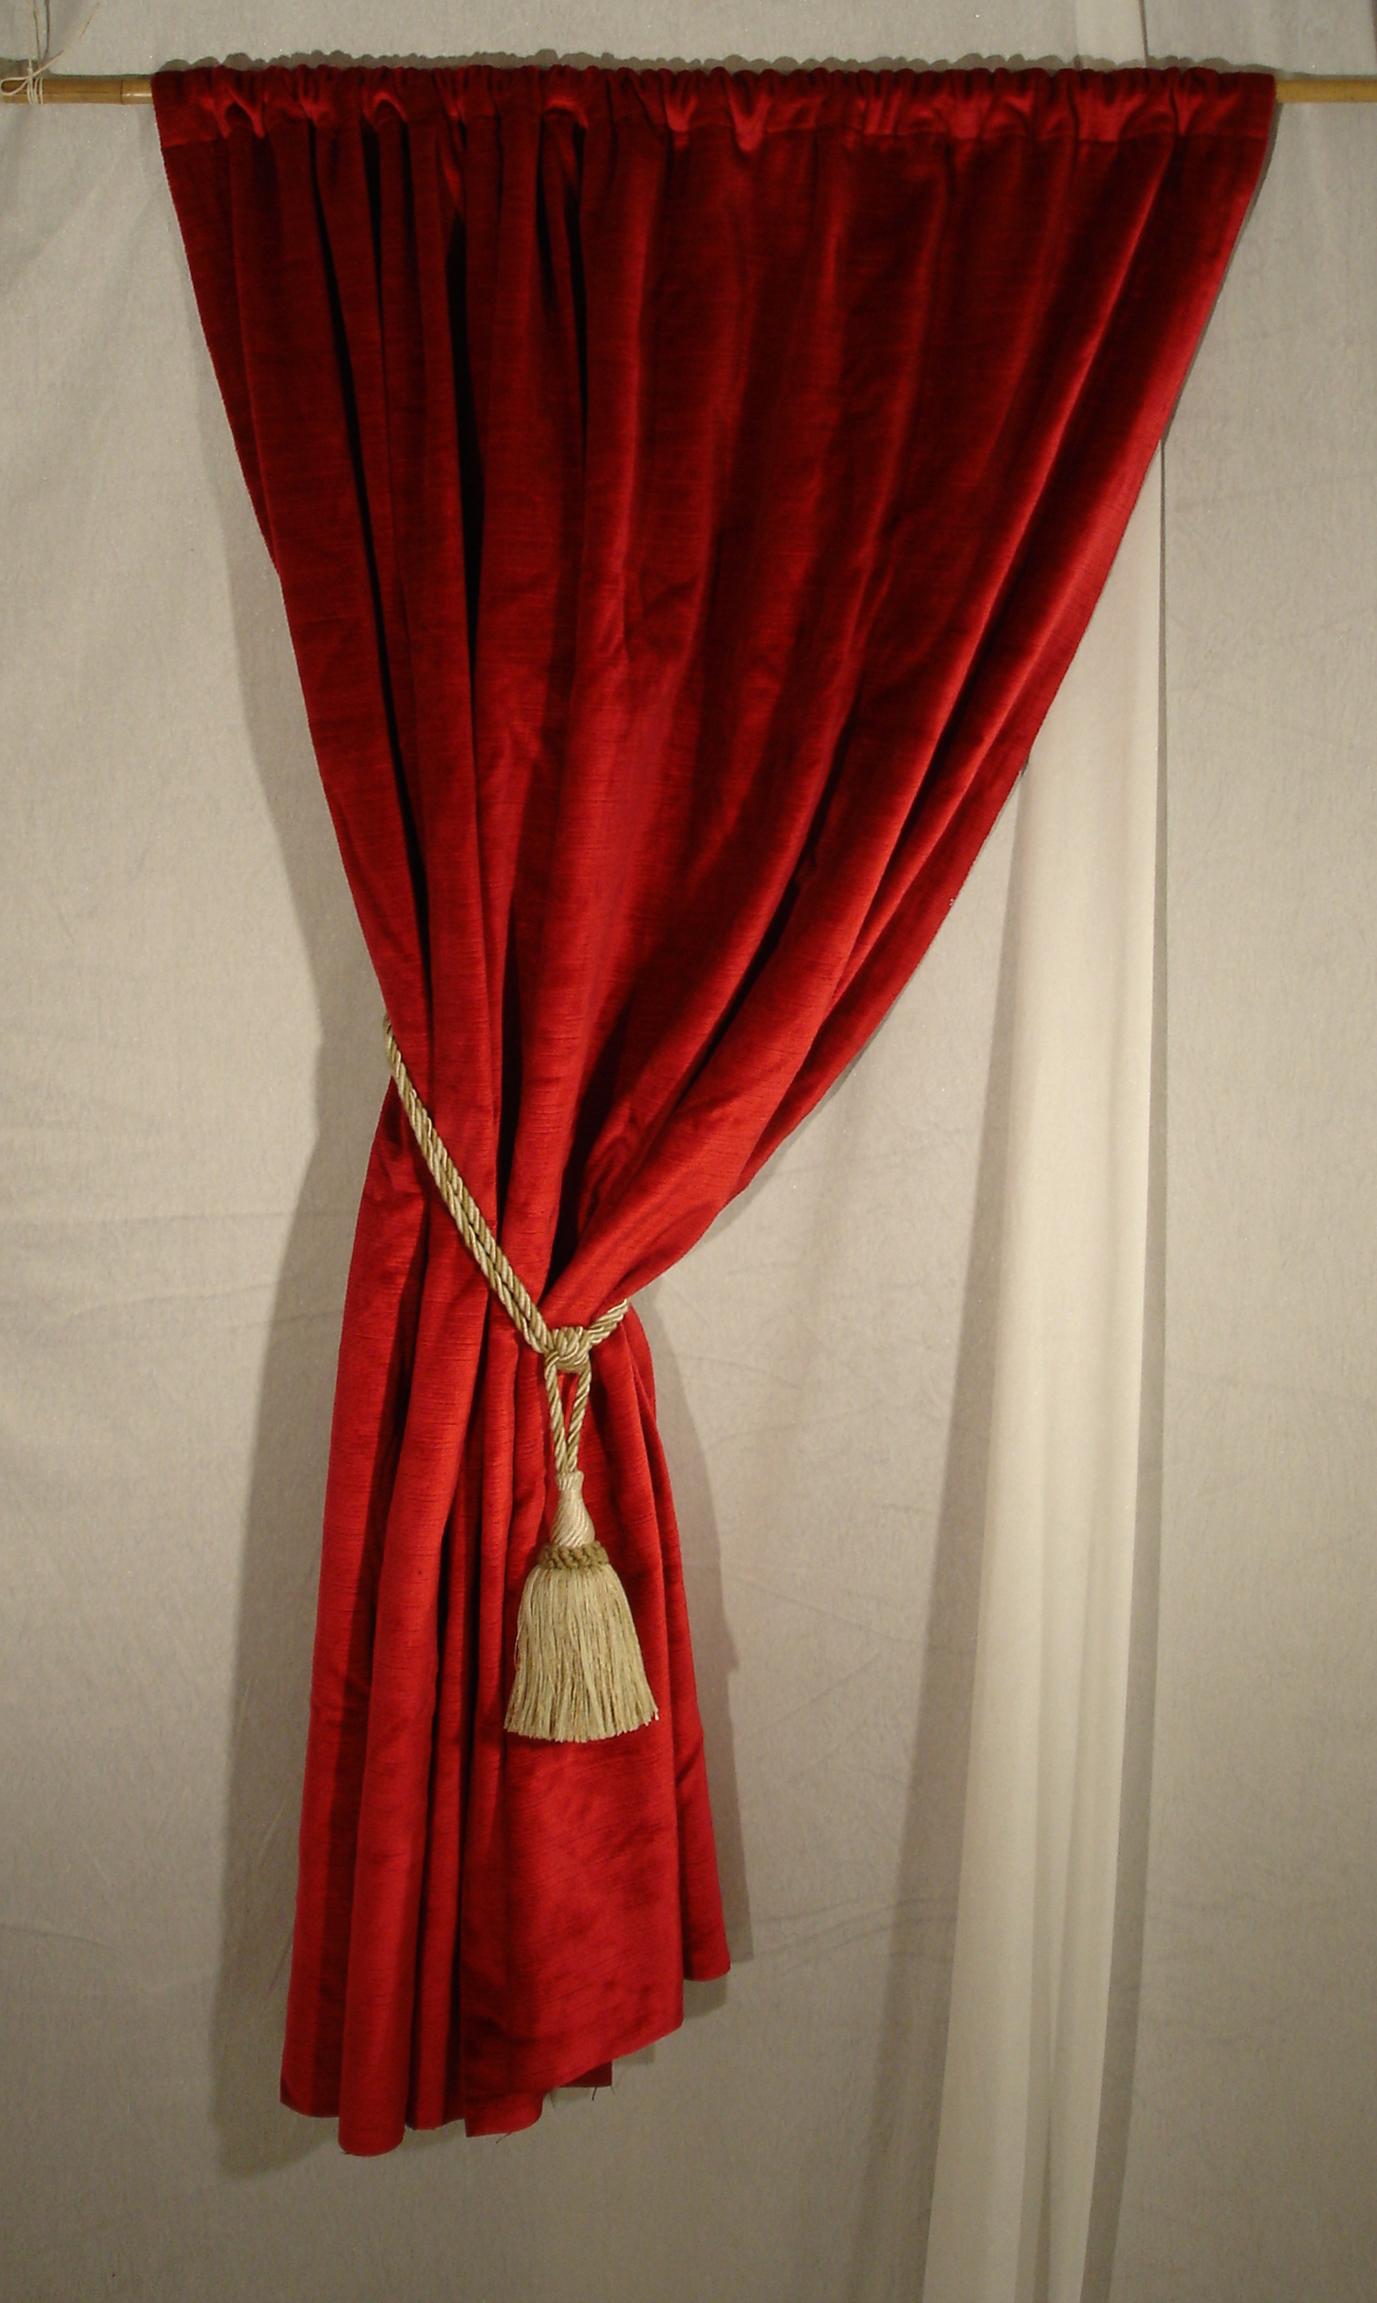 curtainExplore curtain on DeviantArt